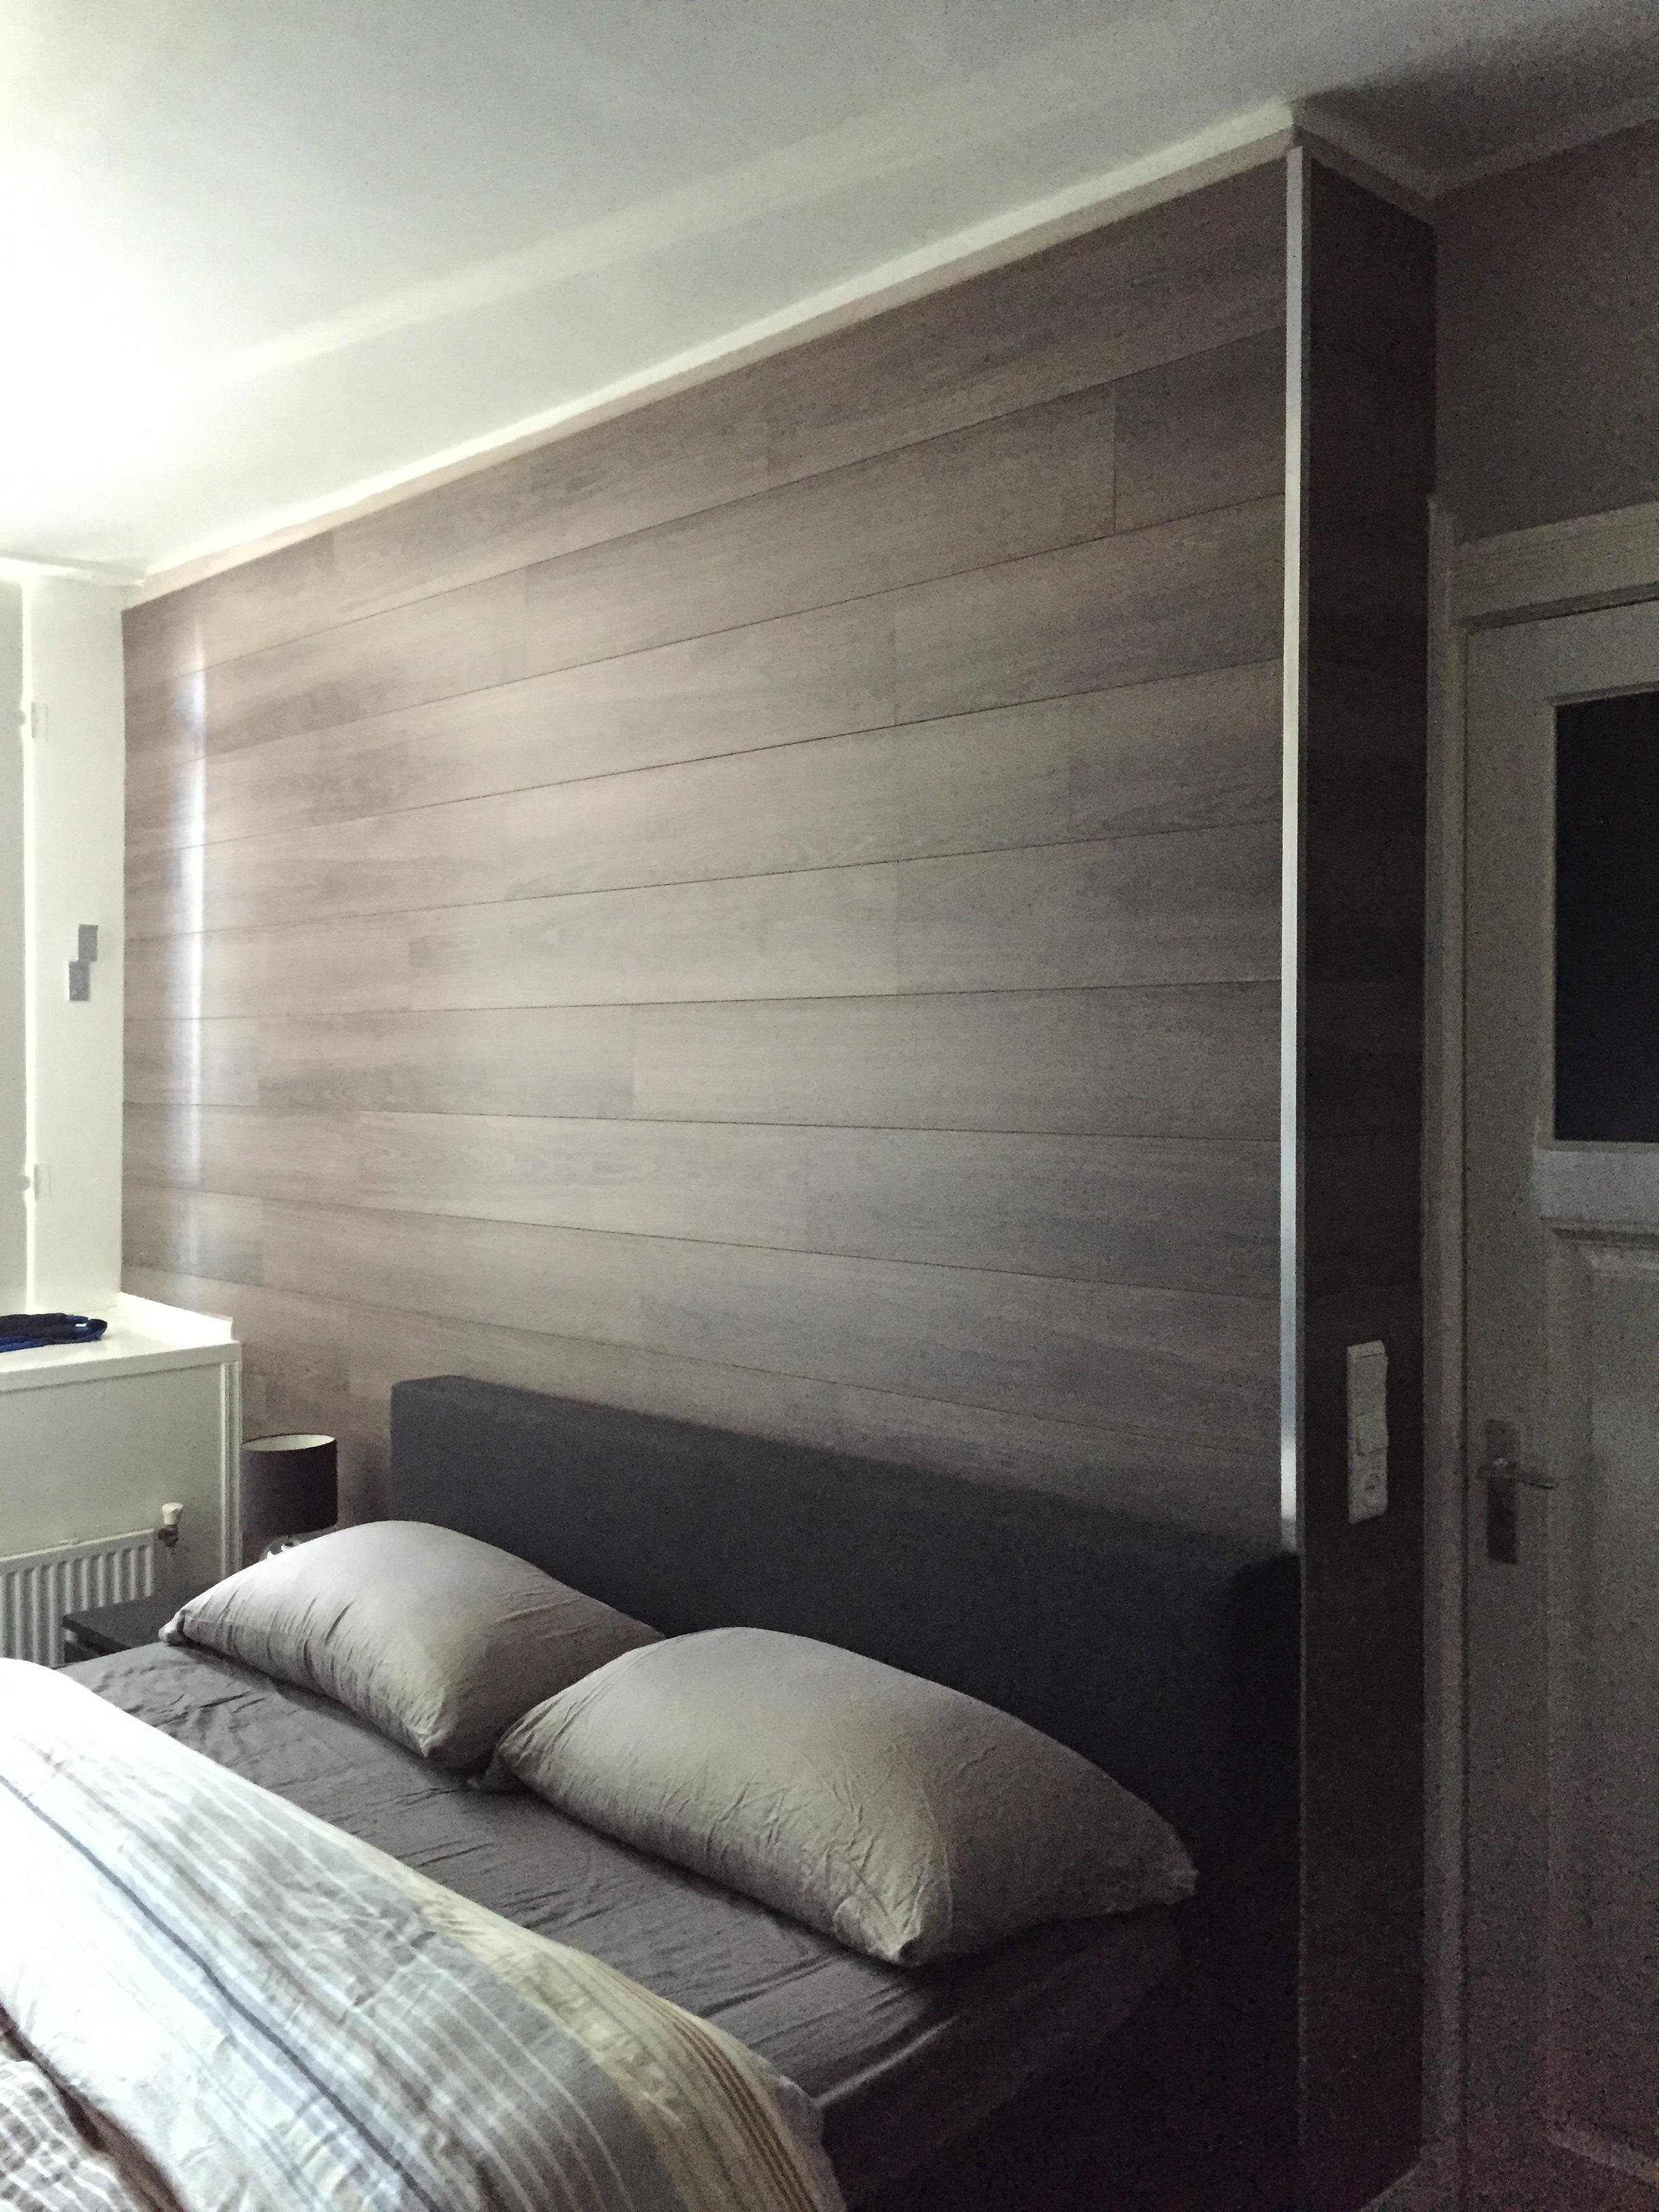 Genoeg Hoe bevestig je laminaat op de muur? | voordemakers.nl RN44